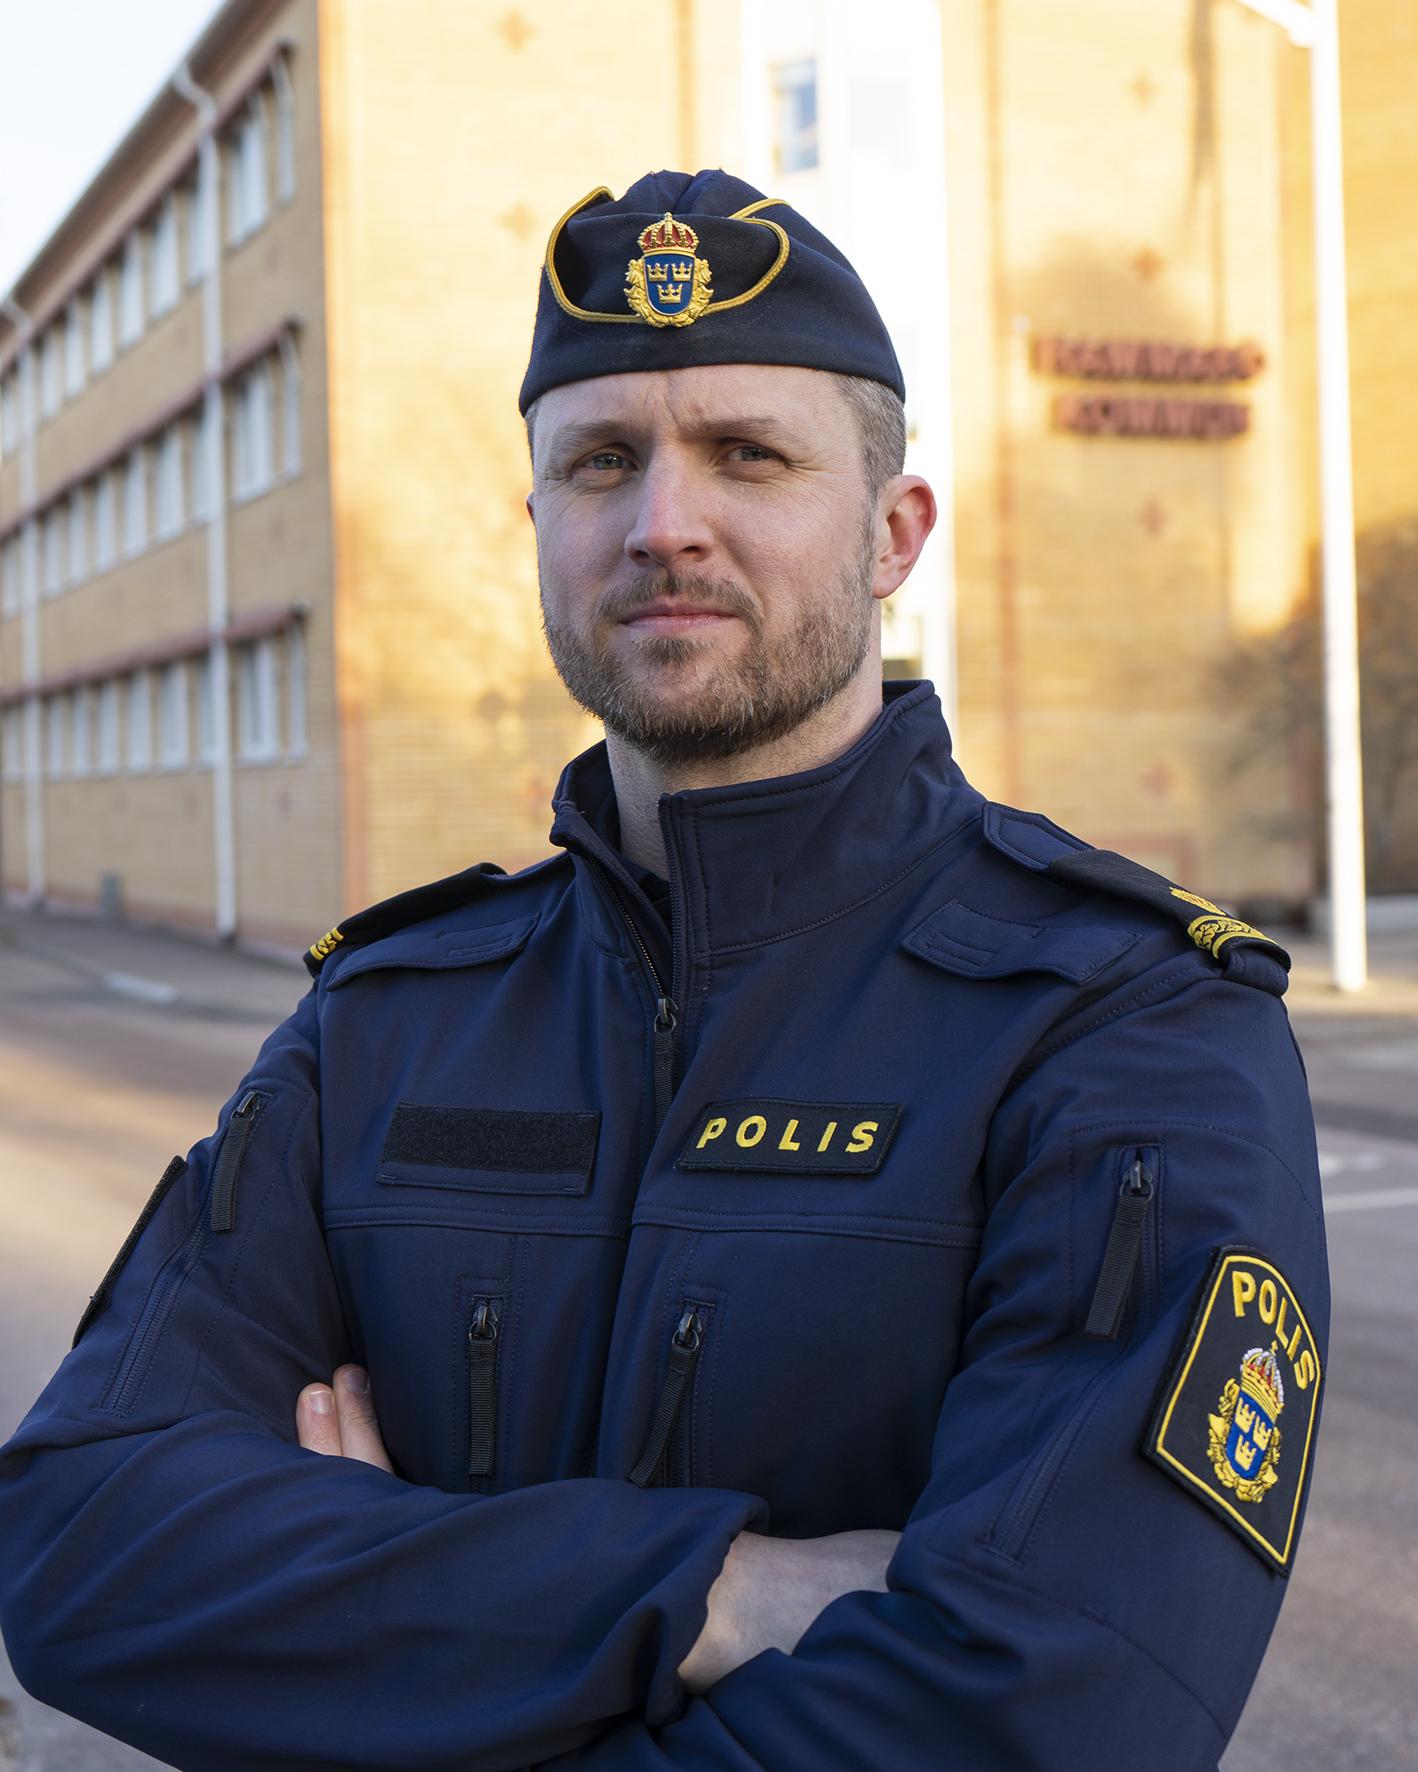 Vår alldeles egna poliskompis Anders.